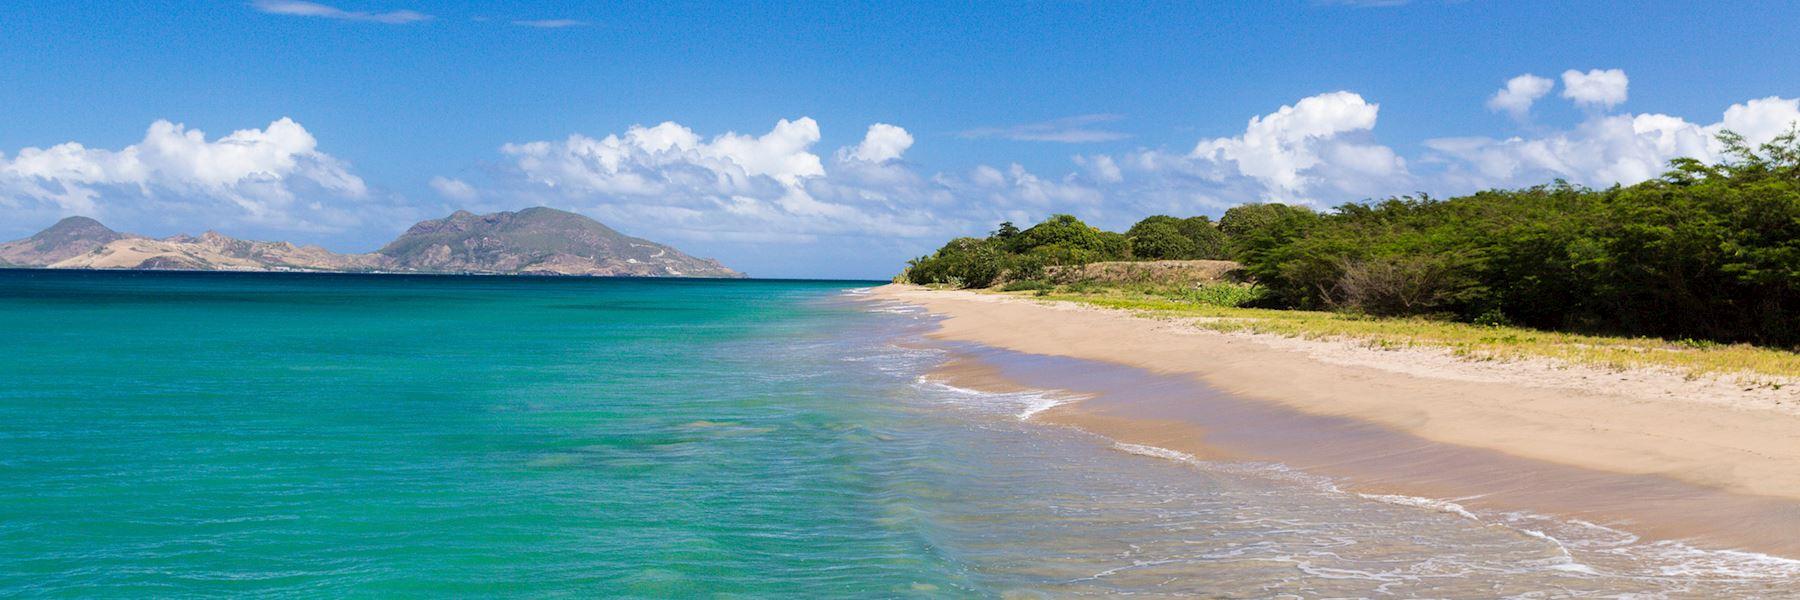 Saint Kitts and Nevis holidays  2019 & 2020